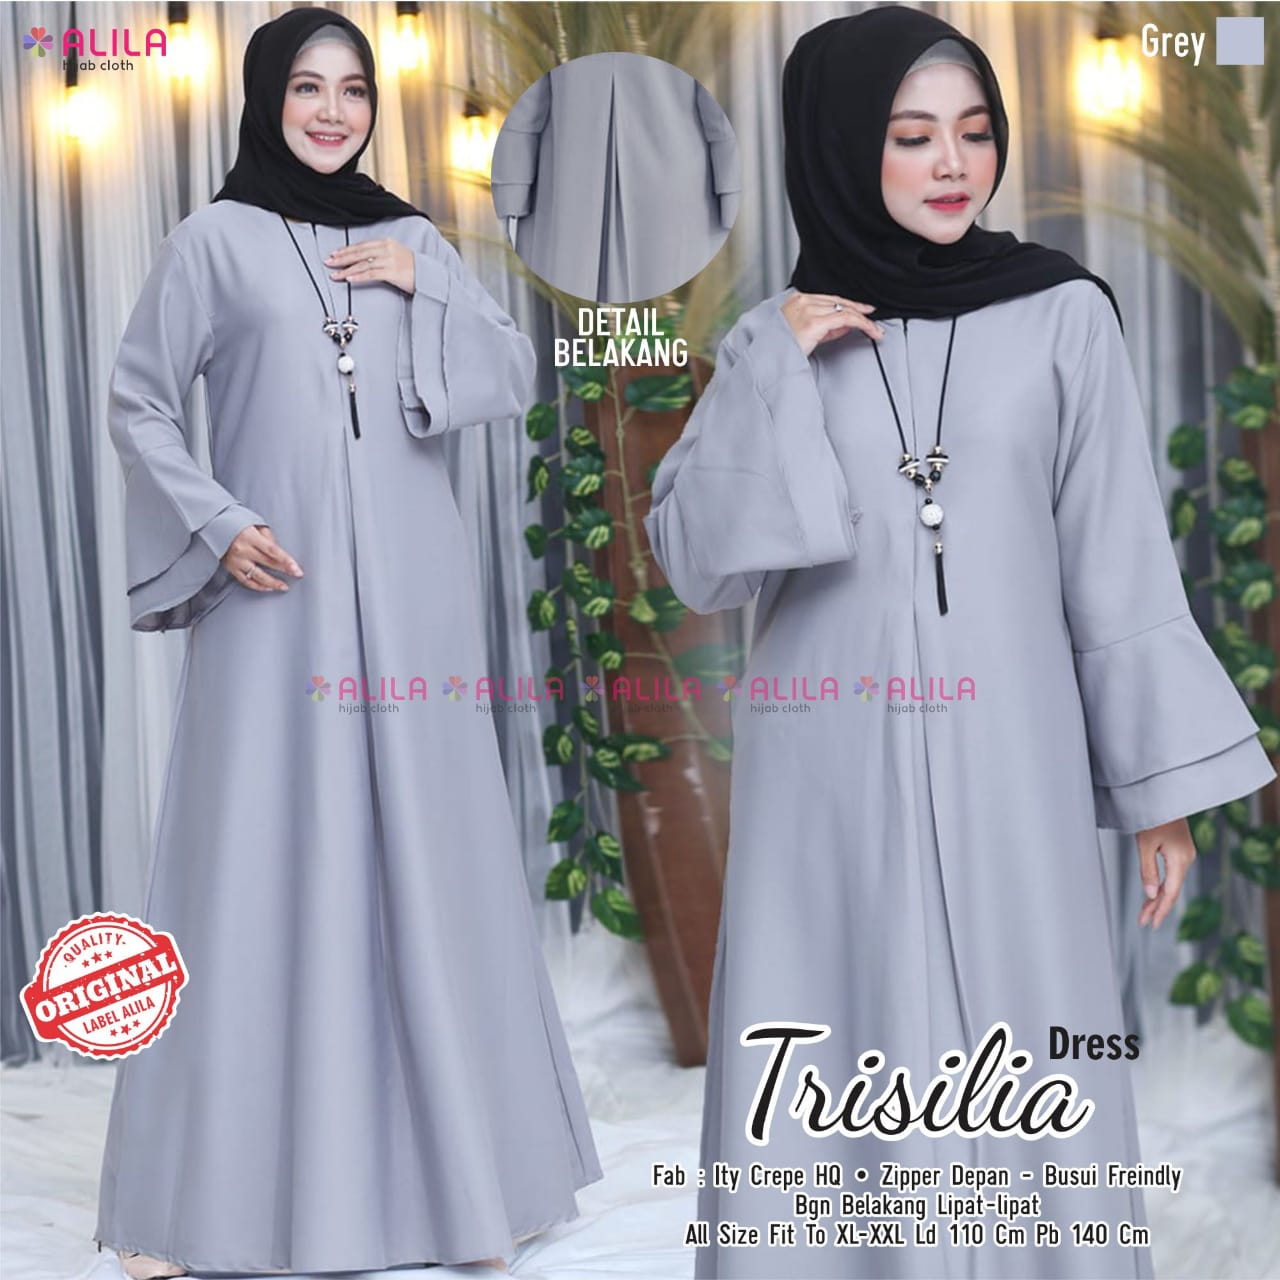 Trisilia Dress Ity Crepe HQ  Baju muslim syari terbaru 10 toko baju  muslim di solomodel long dress untuk orang gemuk model kebaya dress  panjang